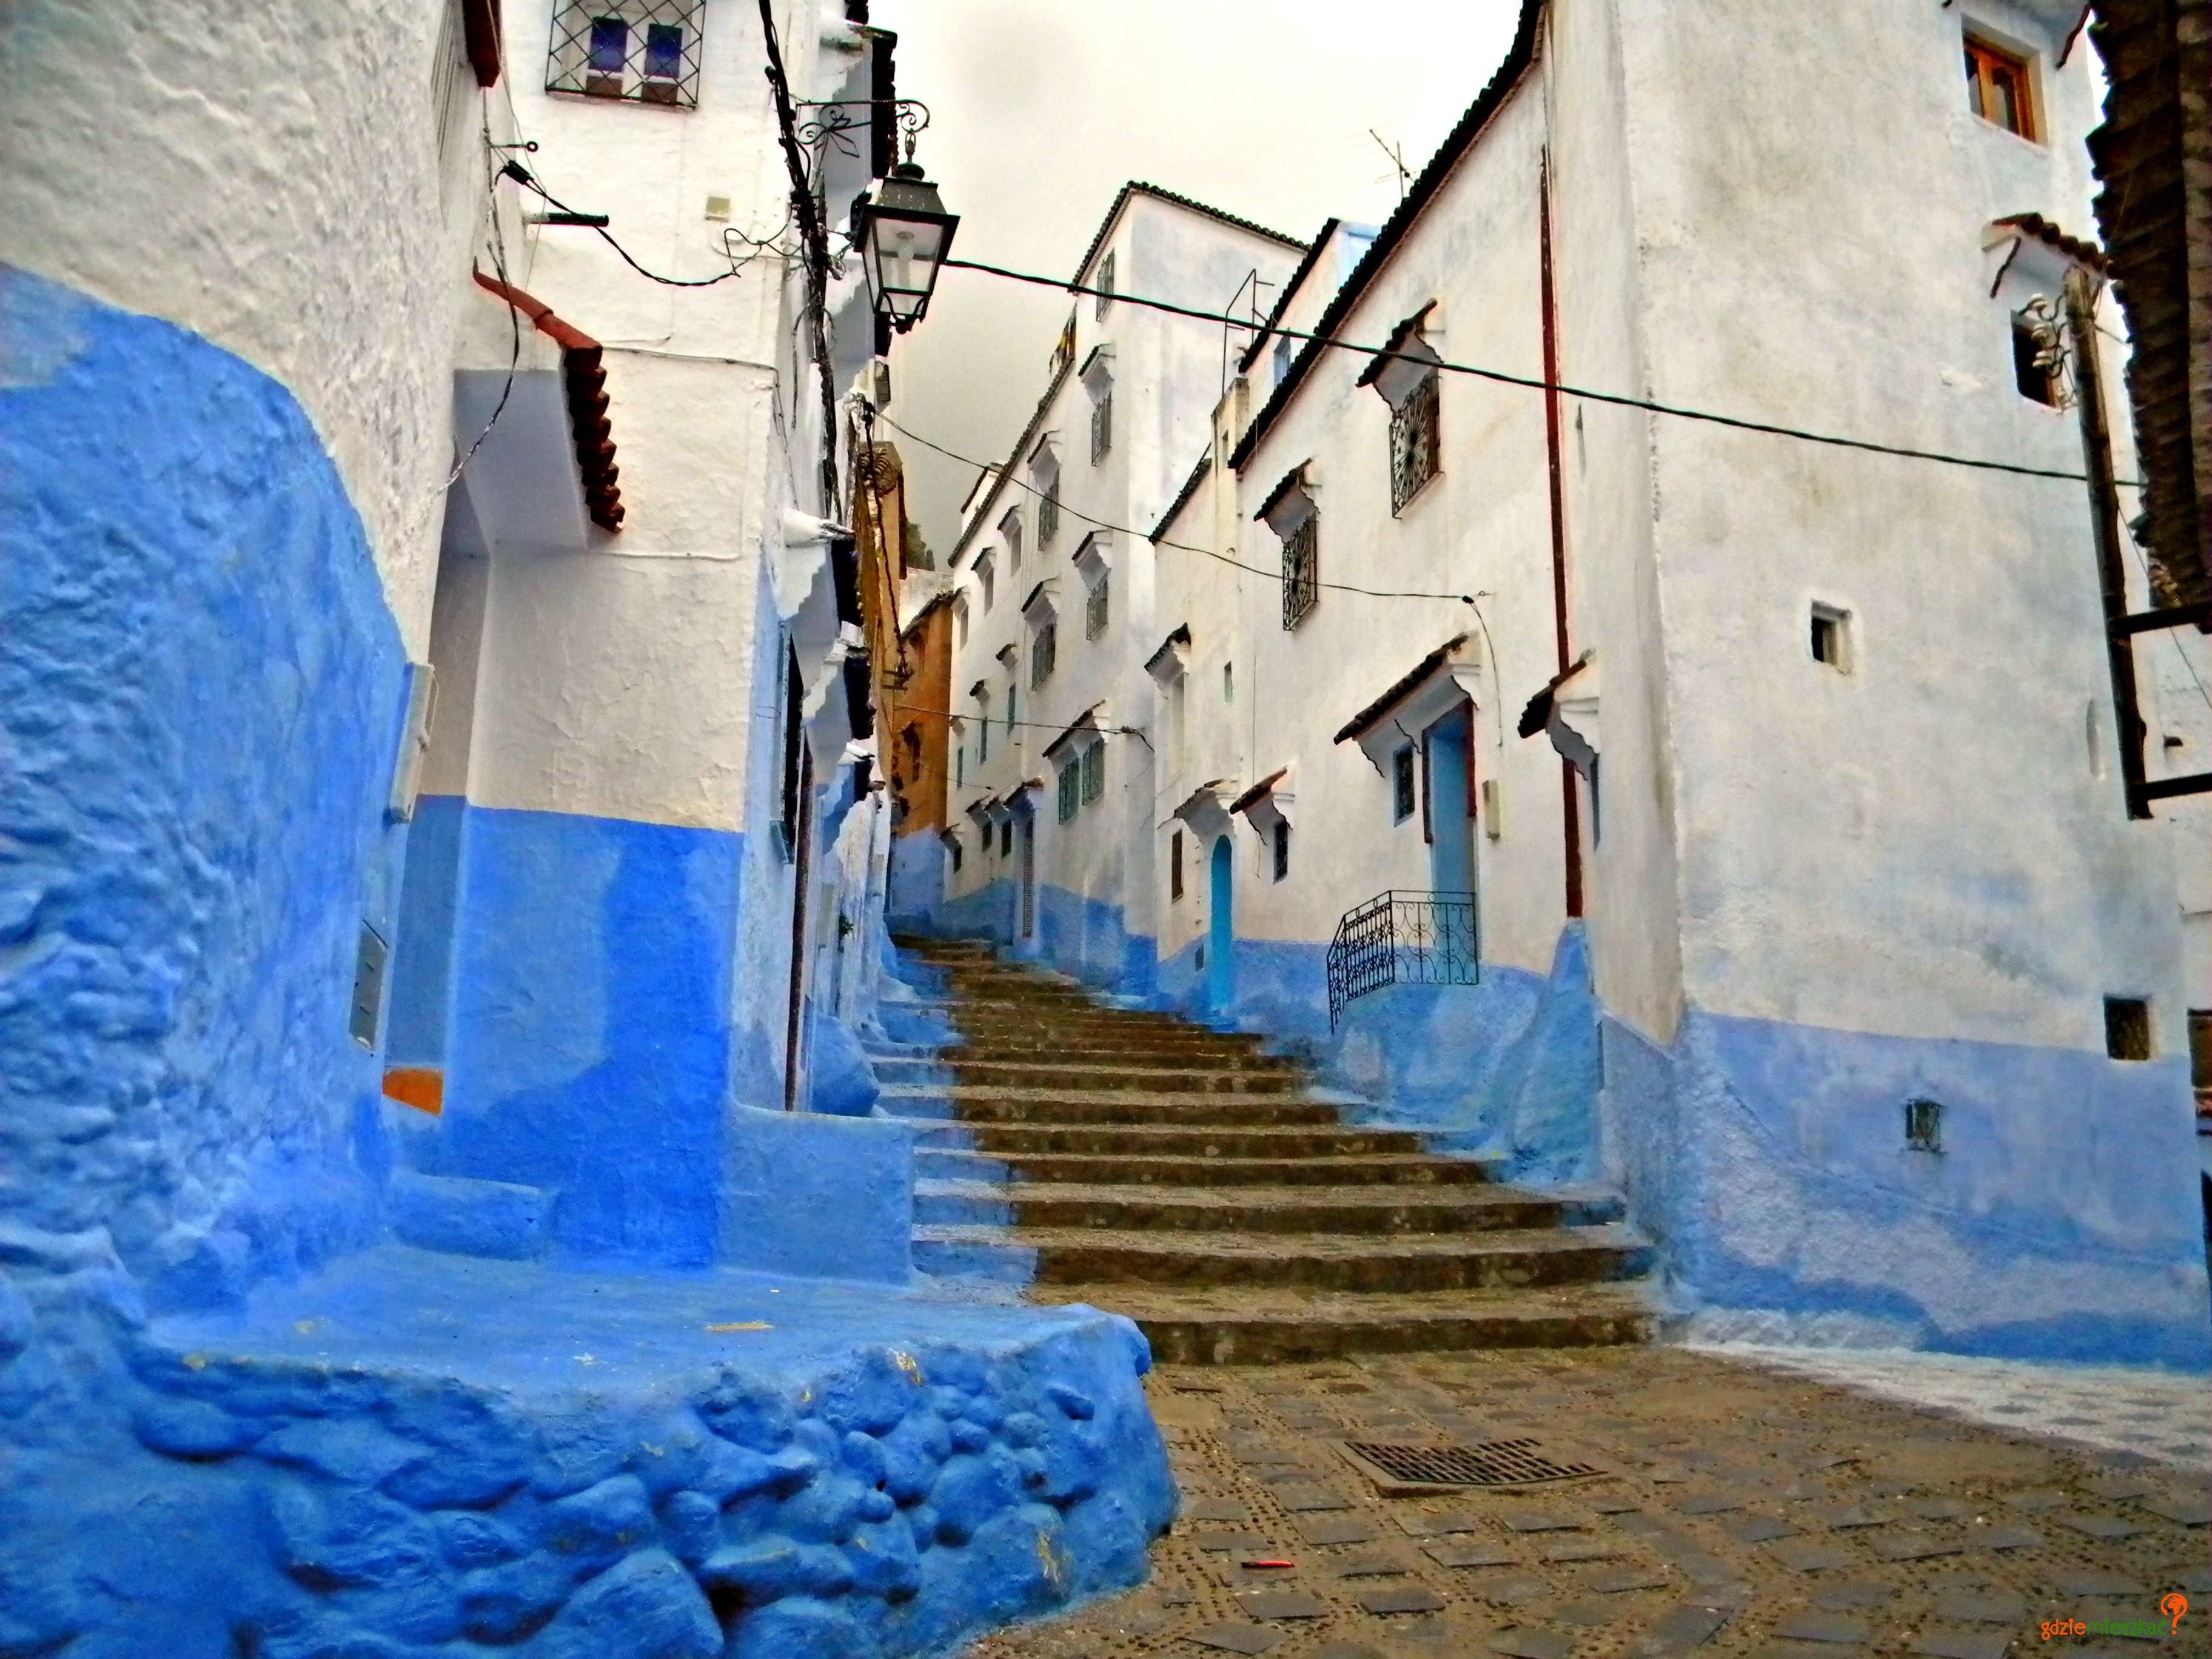 Strome niebiesko-białe uliczki wspaniałe miejsce na wakacje i obraz niespotykany w żadnym z innych miast Maroka